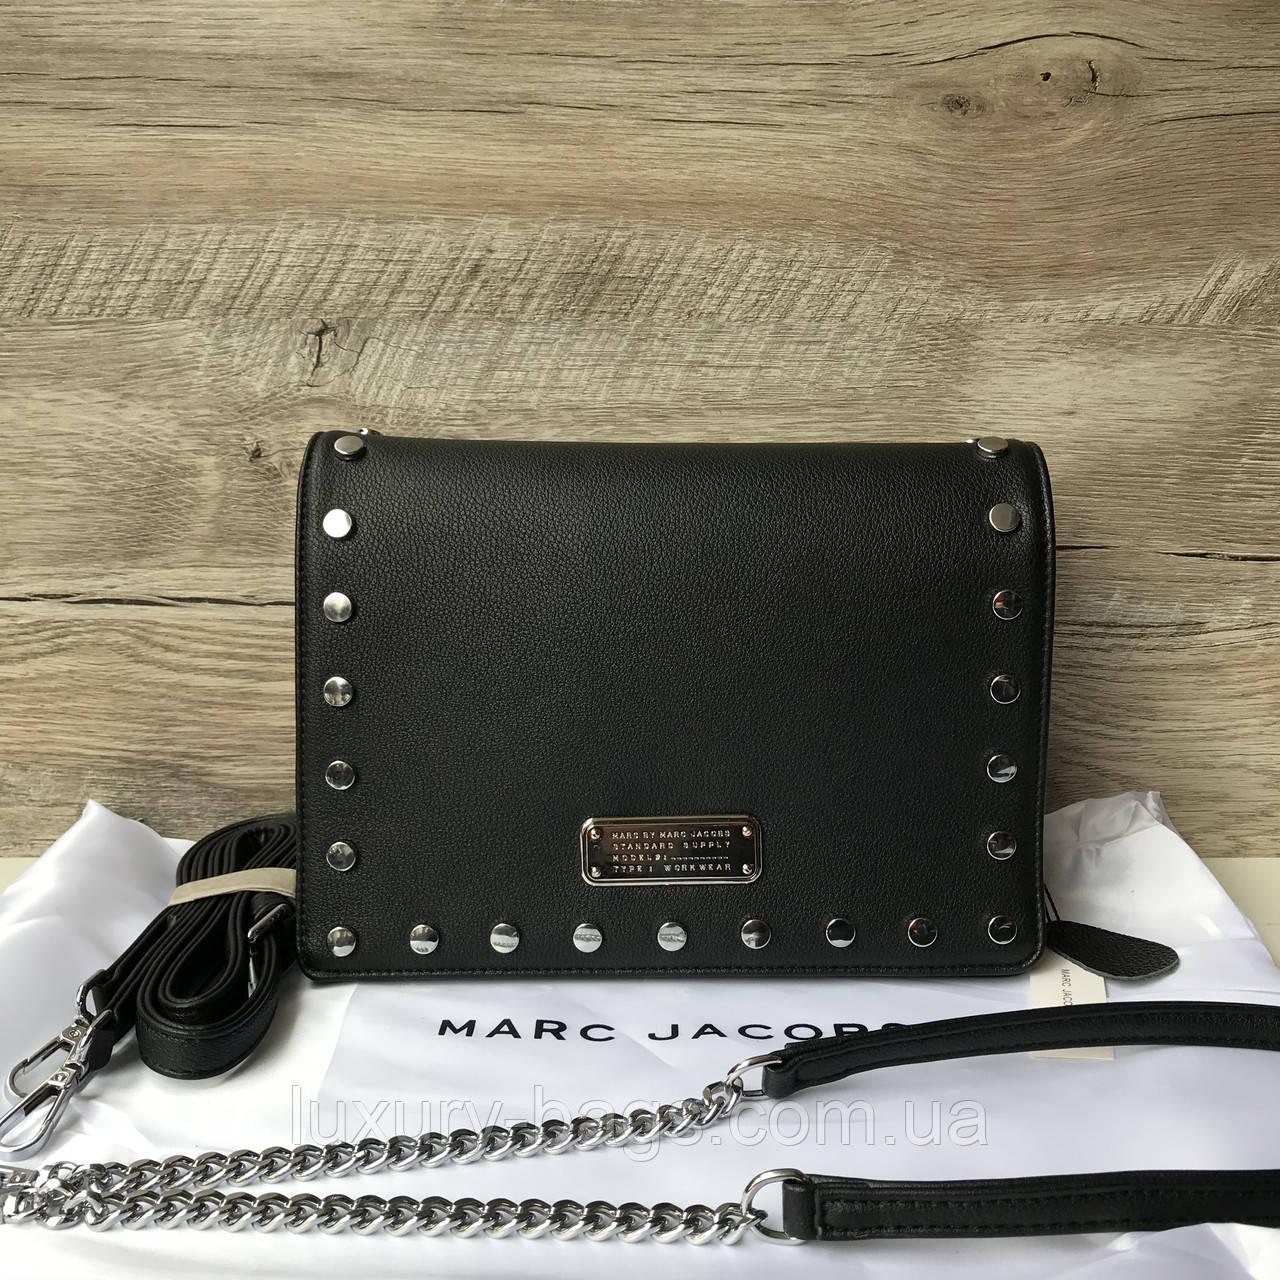 91e649c7371f Женская сумка Марк Джейкобс Marc Jacobs оптом - BaGsInTrend в Одессе